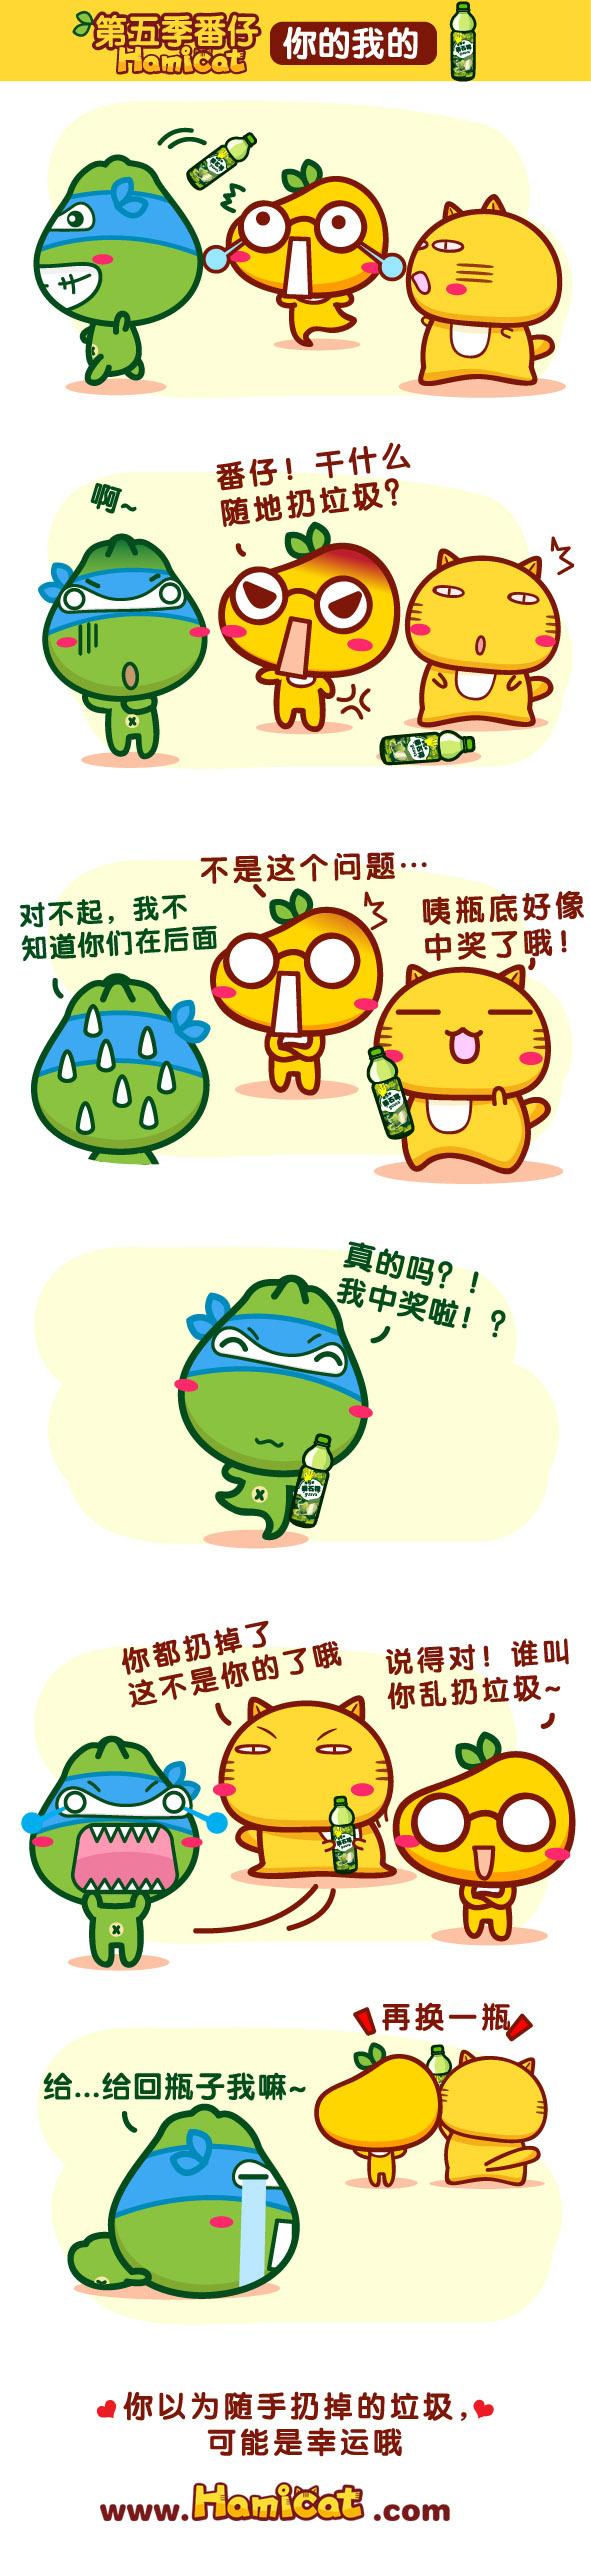 健力宝x哈咪猫漫画1月-03.jpg